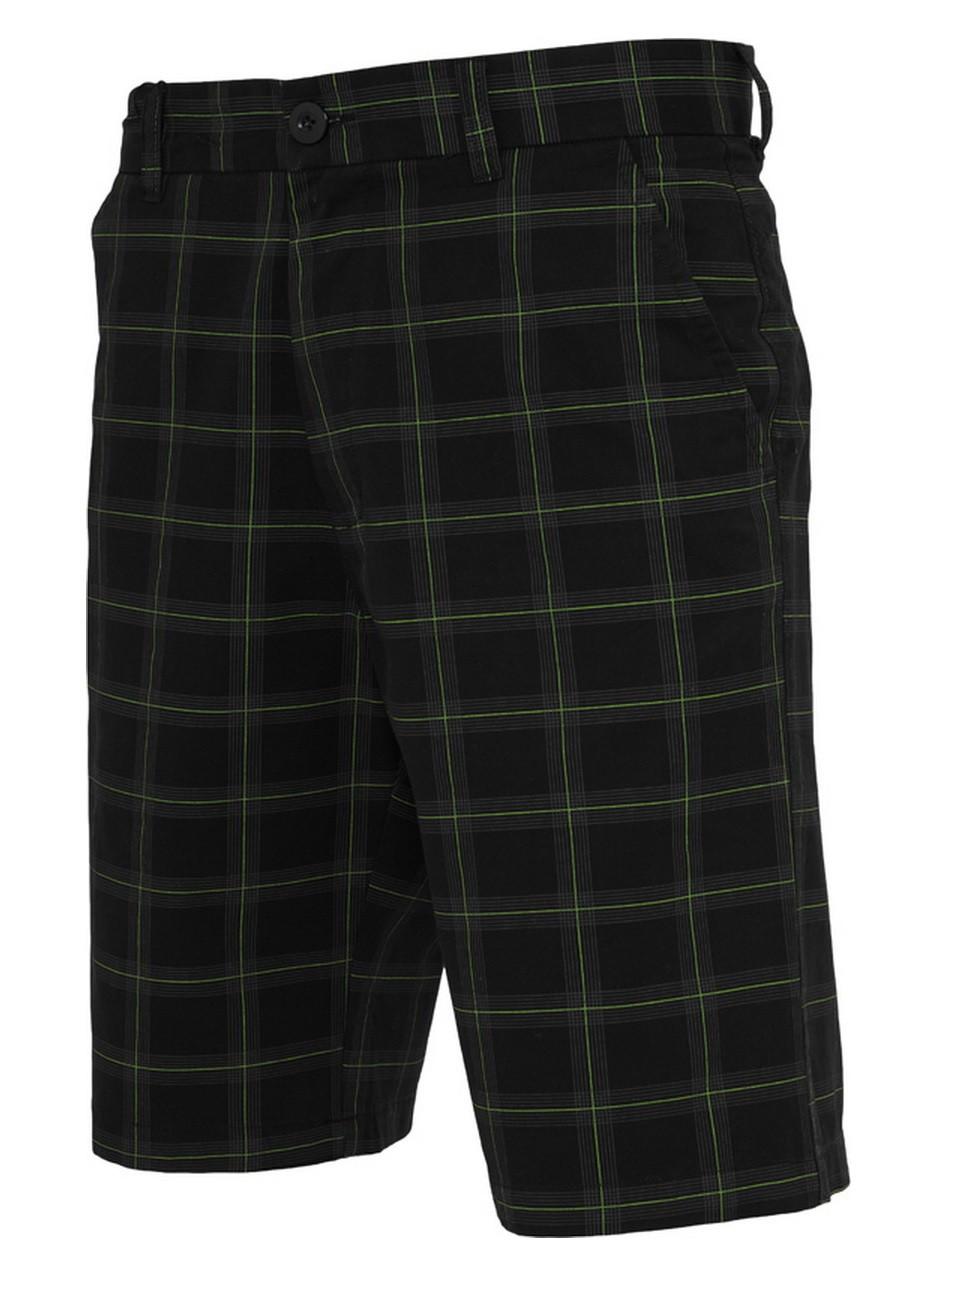 Urban Classics Herren Checked Shorts